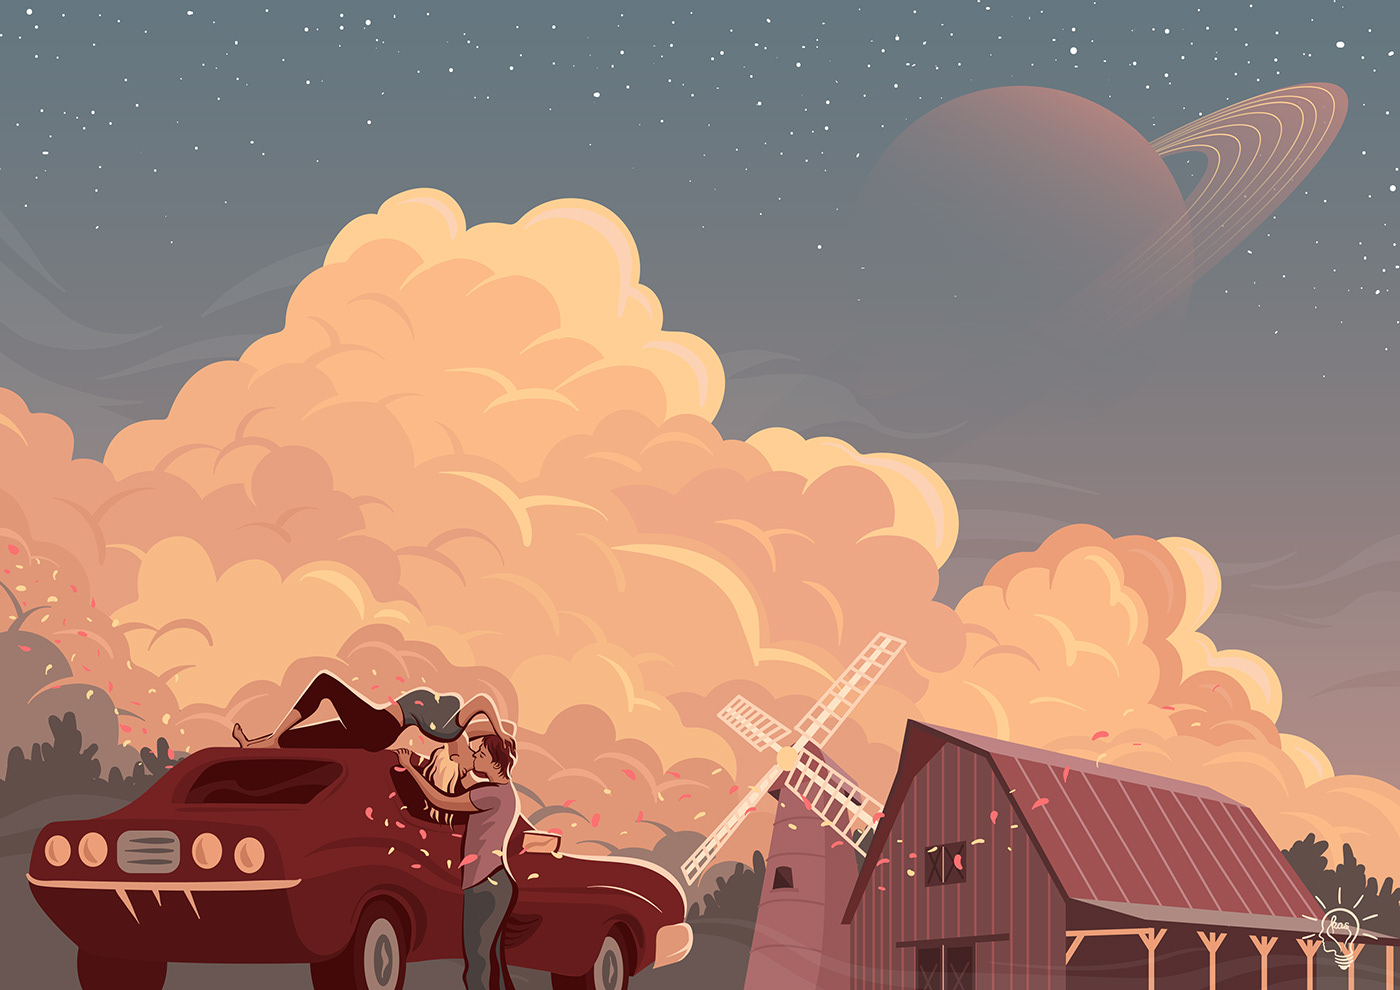 Image may contain: cartoon, illustration and screenshot